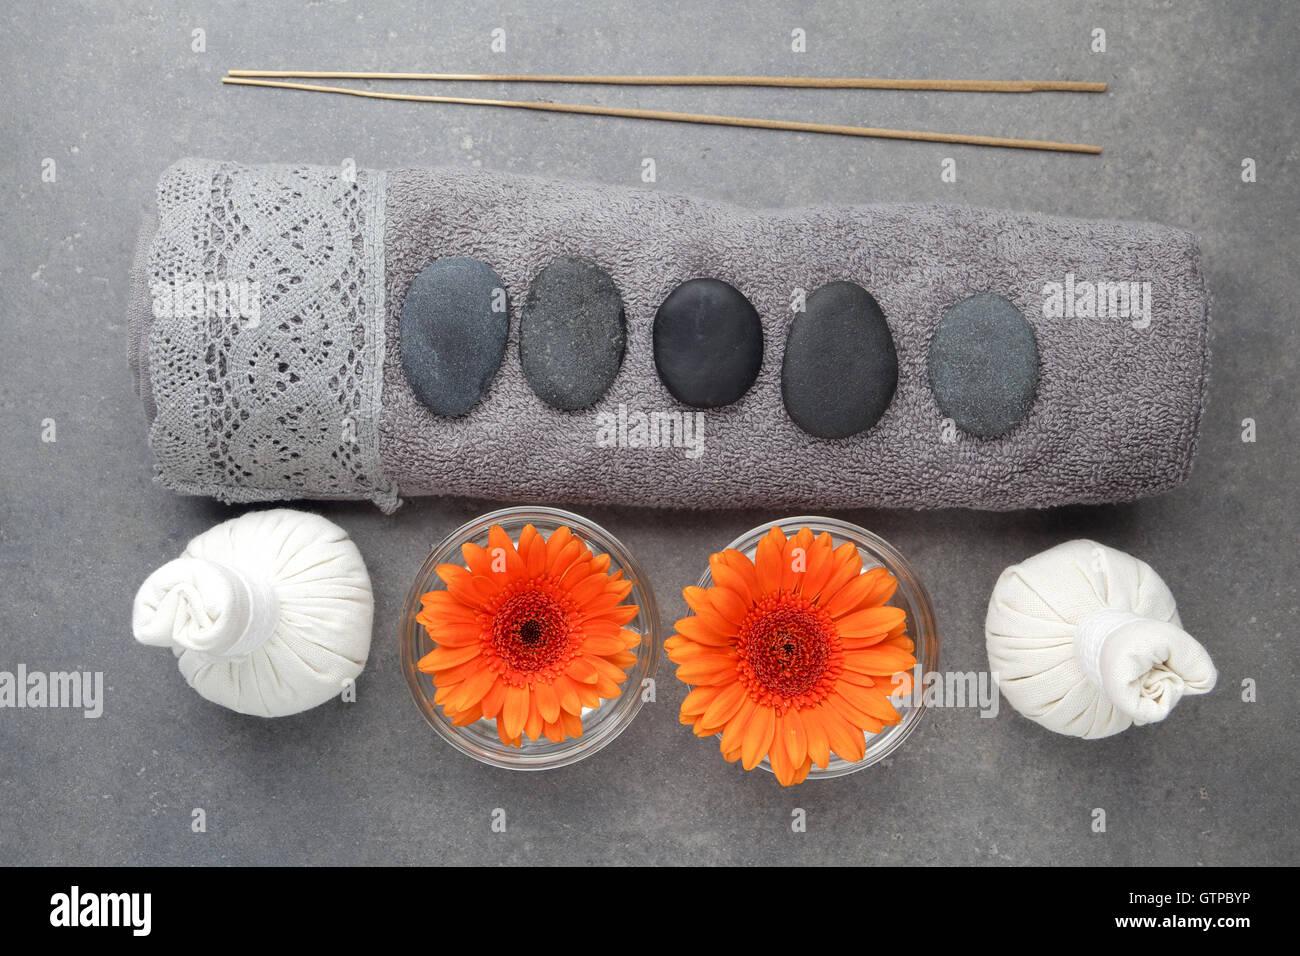 Spa-Massage mit gerollten Handtuch, thai herbal Compress Kugeln und Blumen auf graue Oberfläche einstellen Stockbild